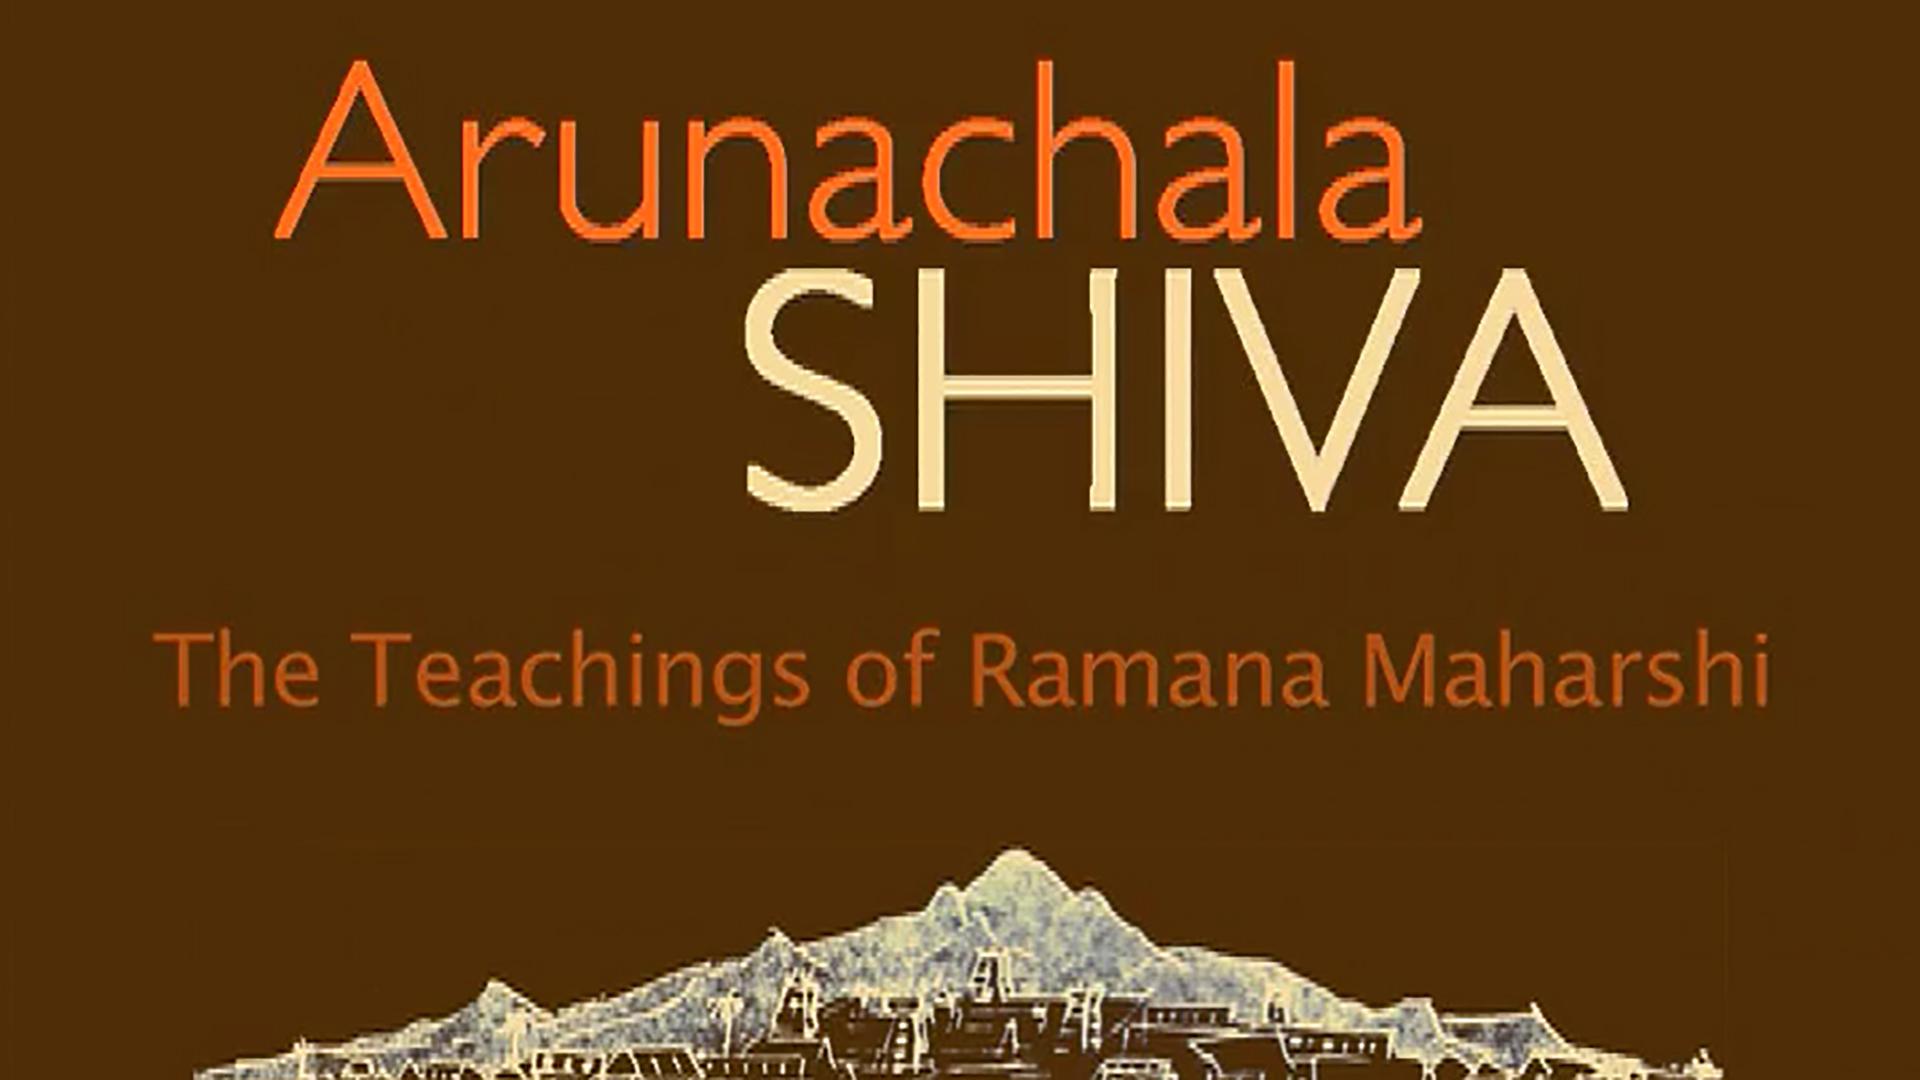 Arunachala Shiva - Teachings of Ramana Maharshi